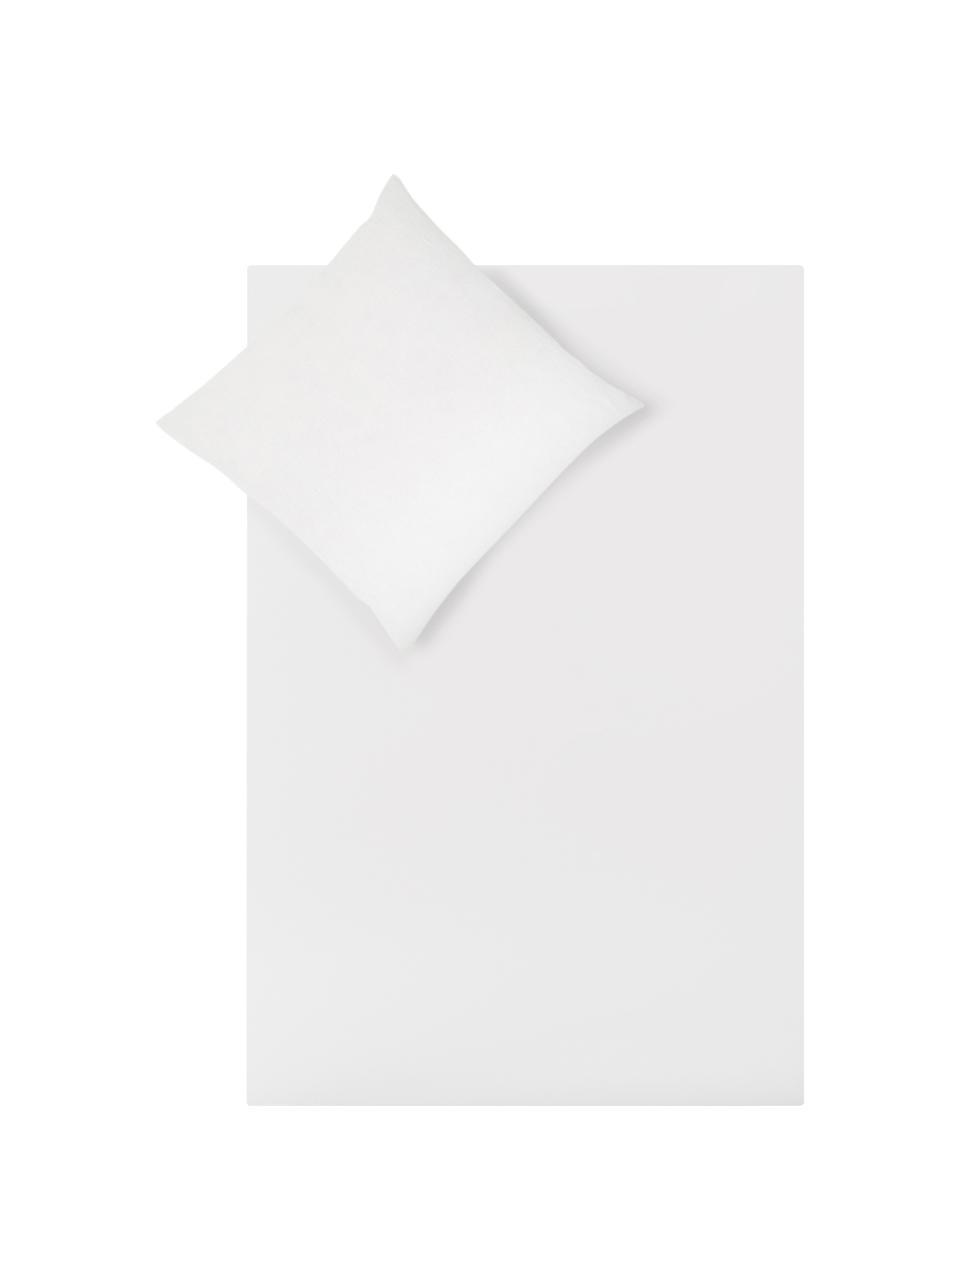 Leinen-Wendebettwäsche Natural mit Baumwollperkal-Rückseite, Vorderseite: 65% Leinen, 35% Baumwolle, Rückseite: Baumwolle, Webart: Perkal Fadendichte 200 TC, Weiß, 135 x 200 cm + 1 Kissen 80 x 80 cm